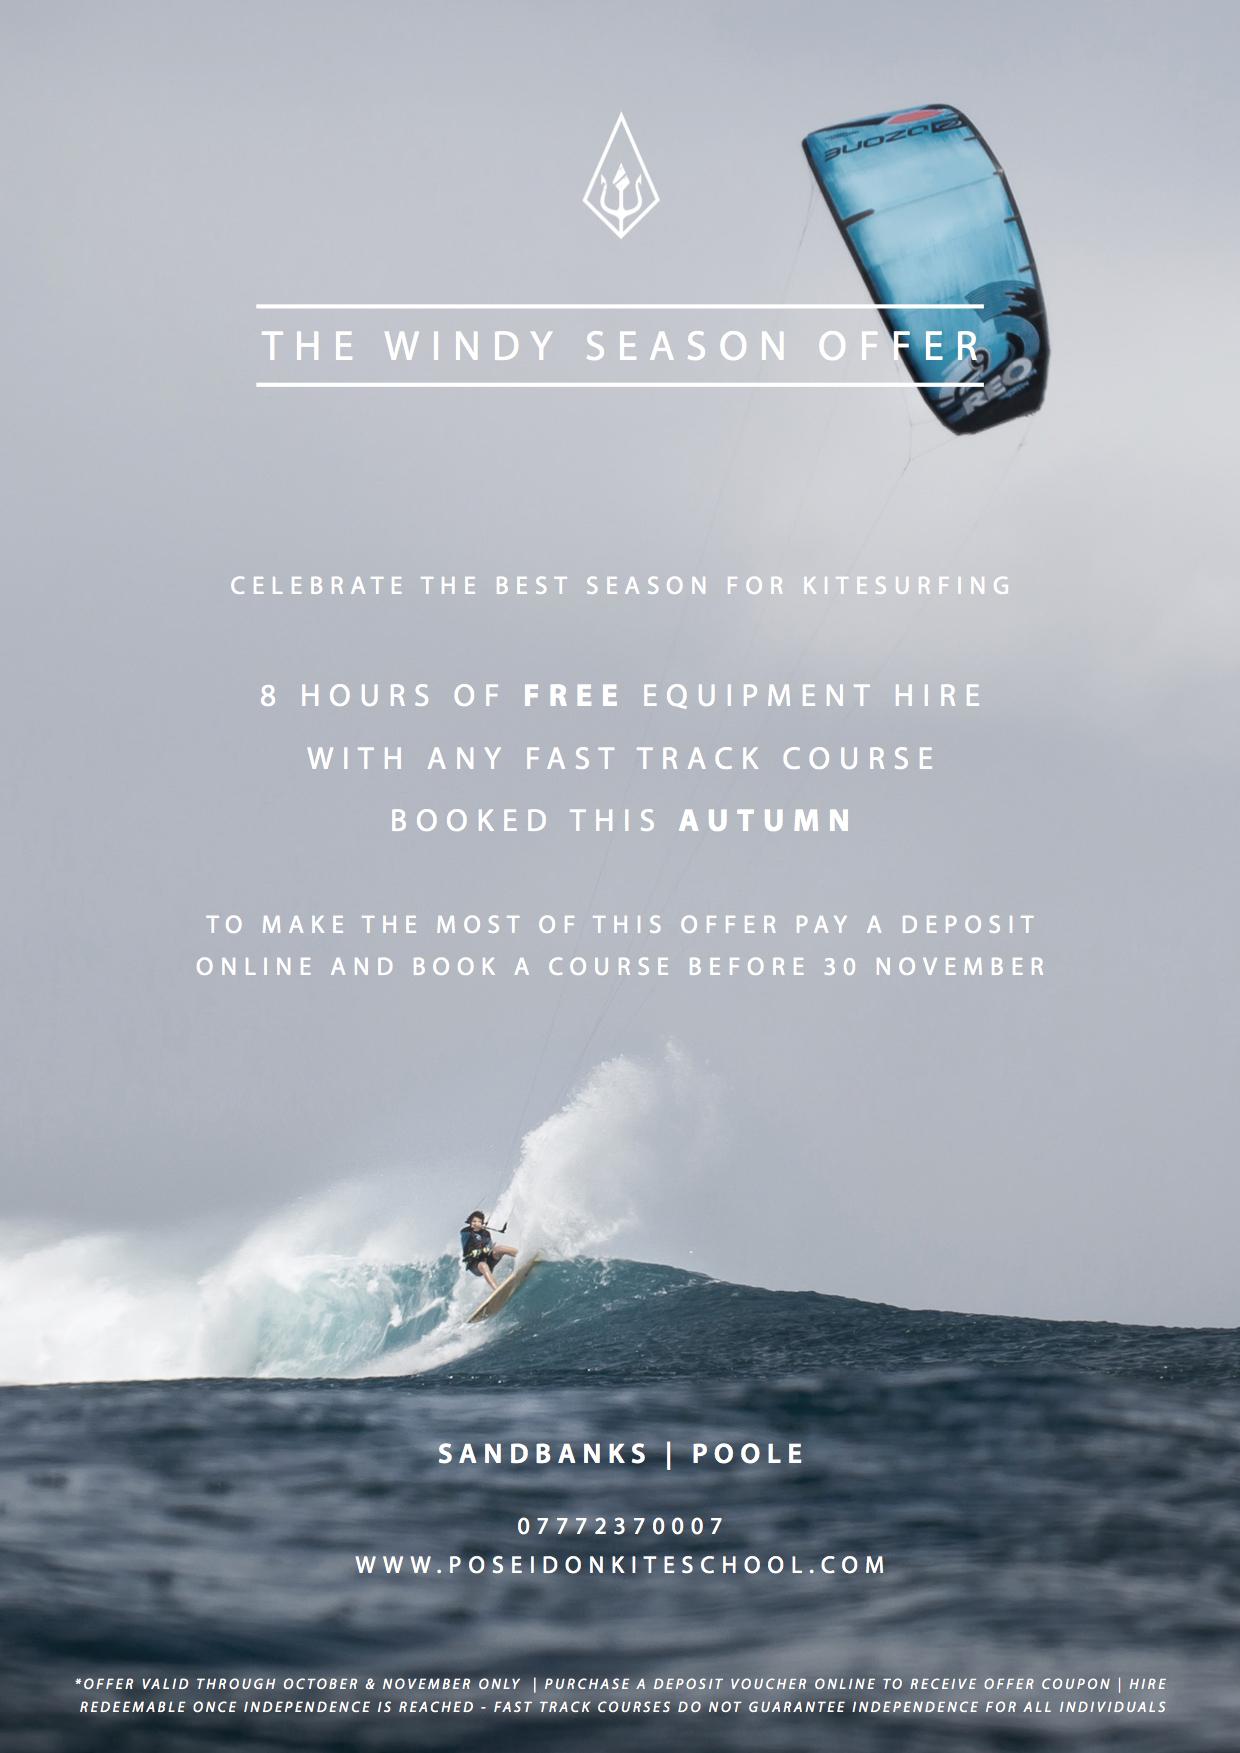 windy_season_2107.jpeg